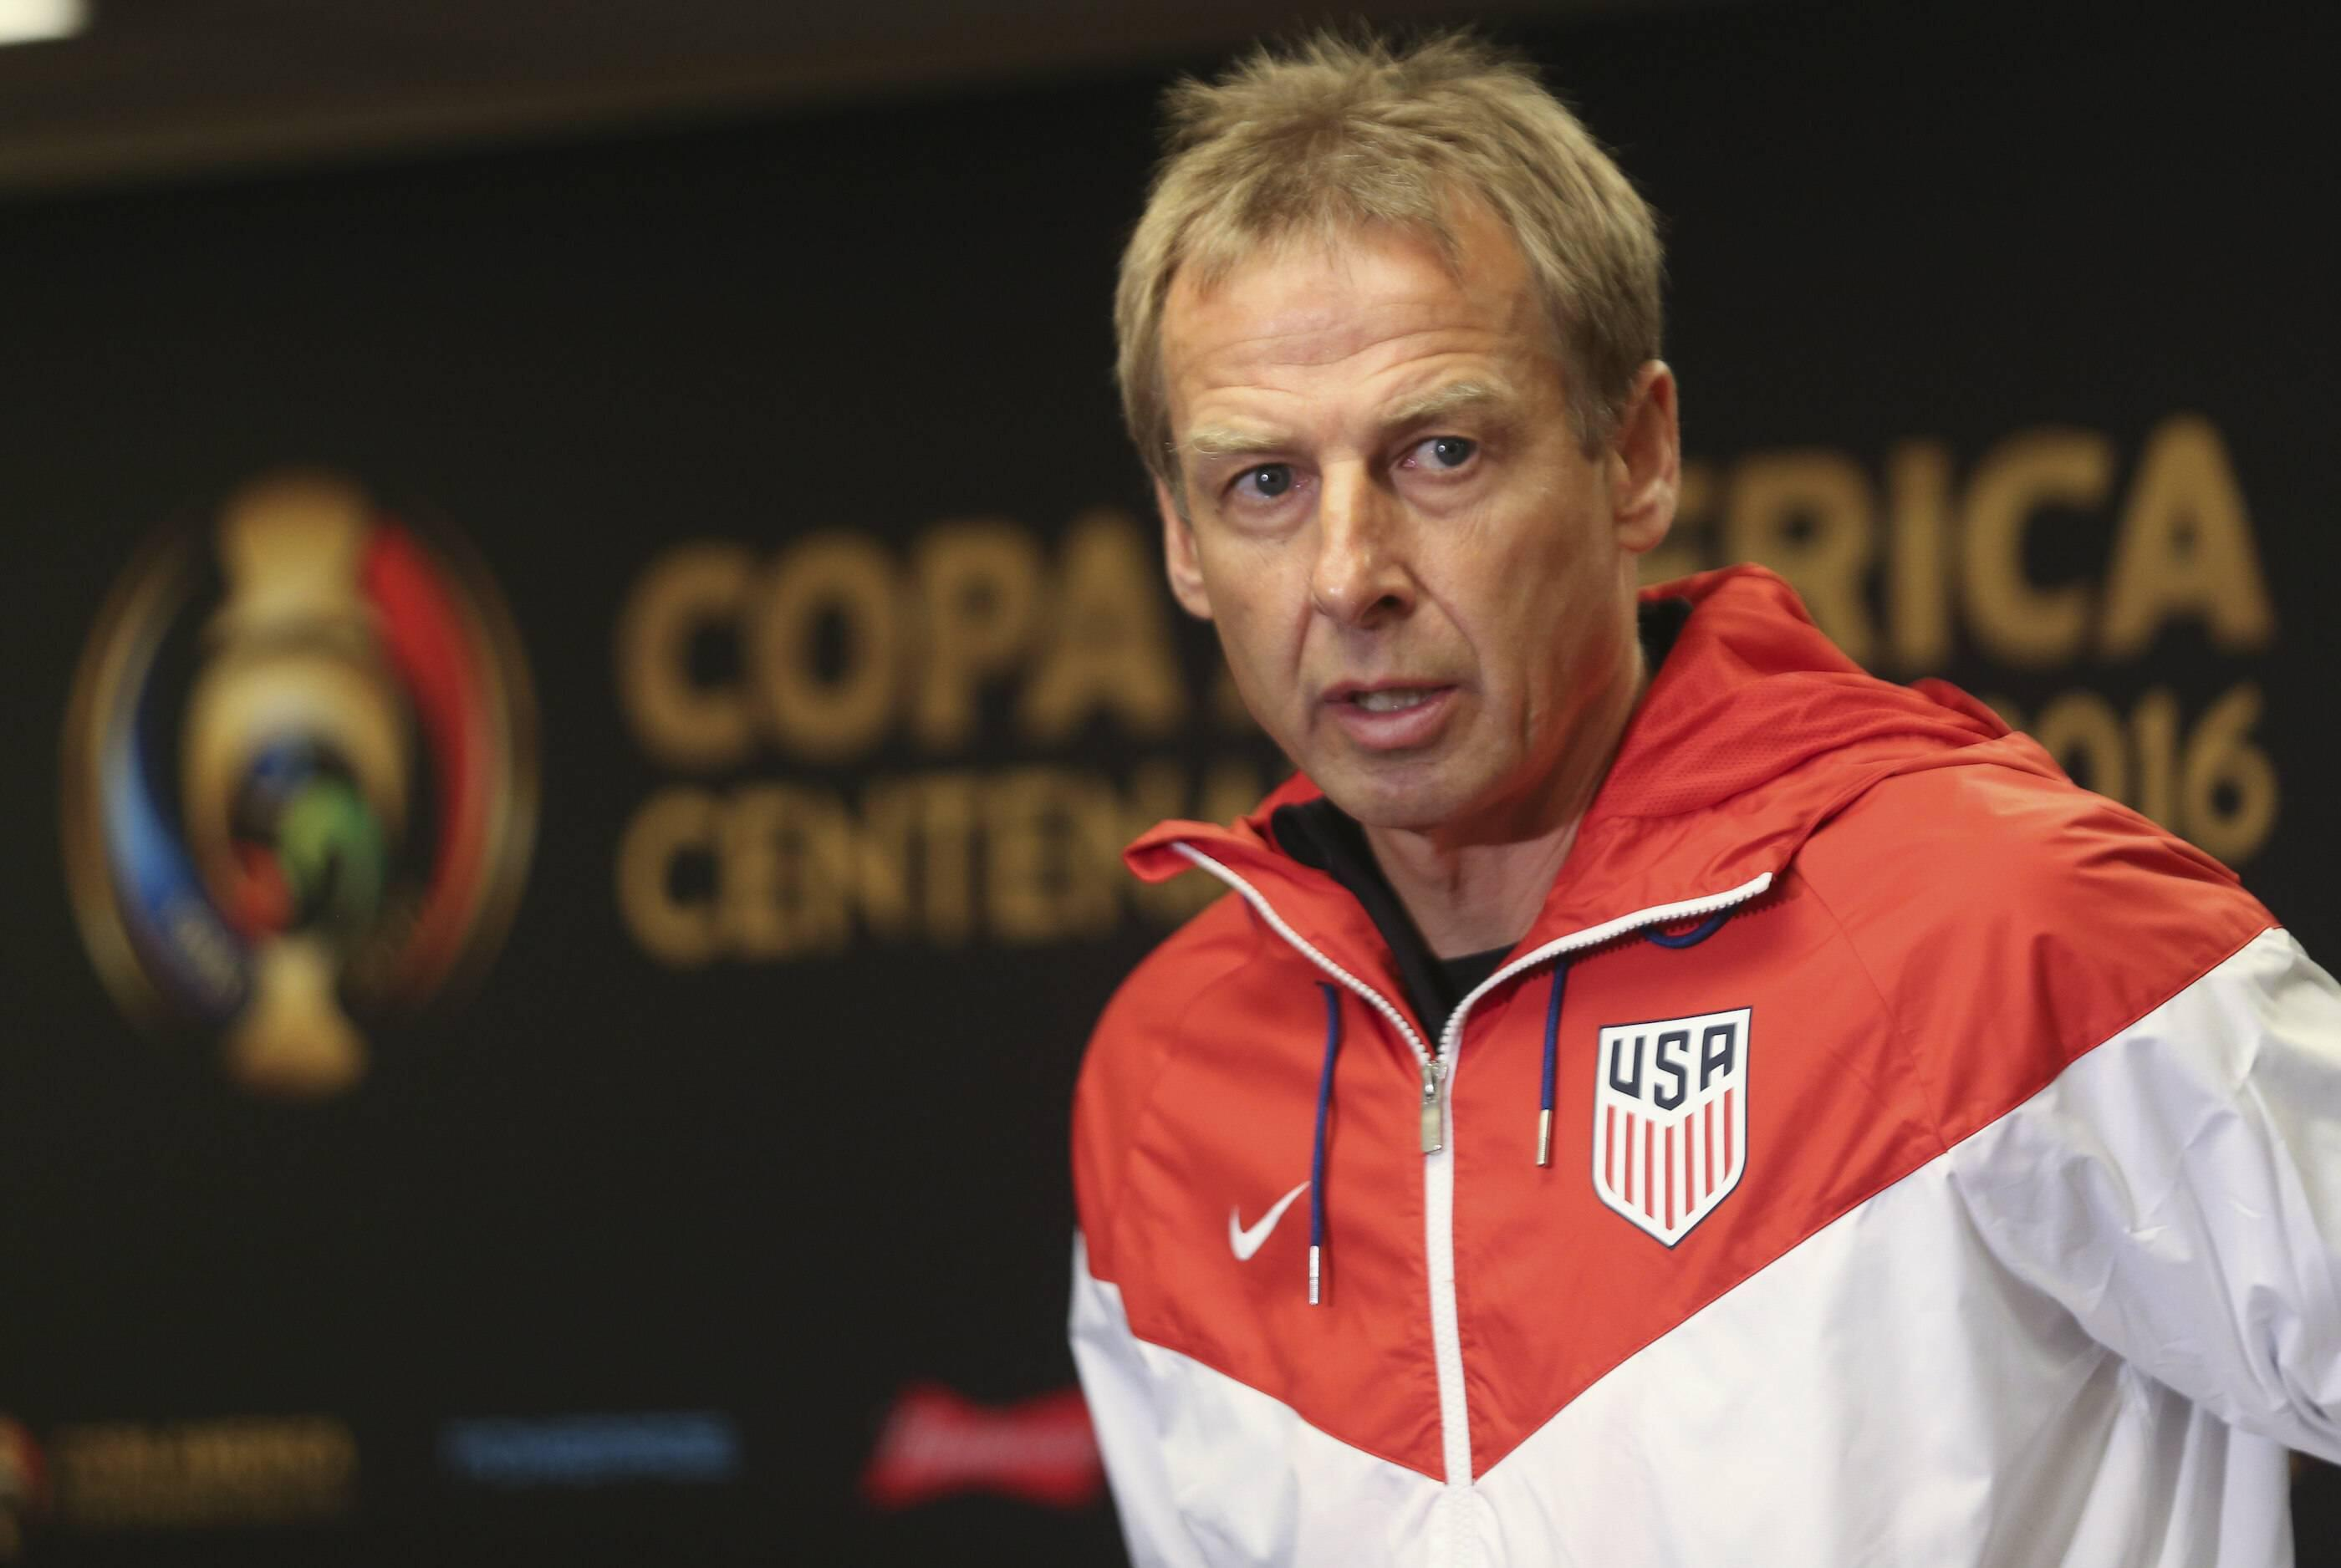 Bild zu Jürgen Klinsmann, Niederlande, WM-Qualifikation, van Gaal